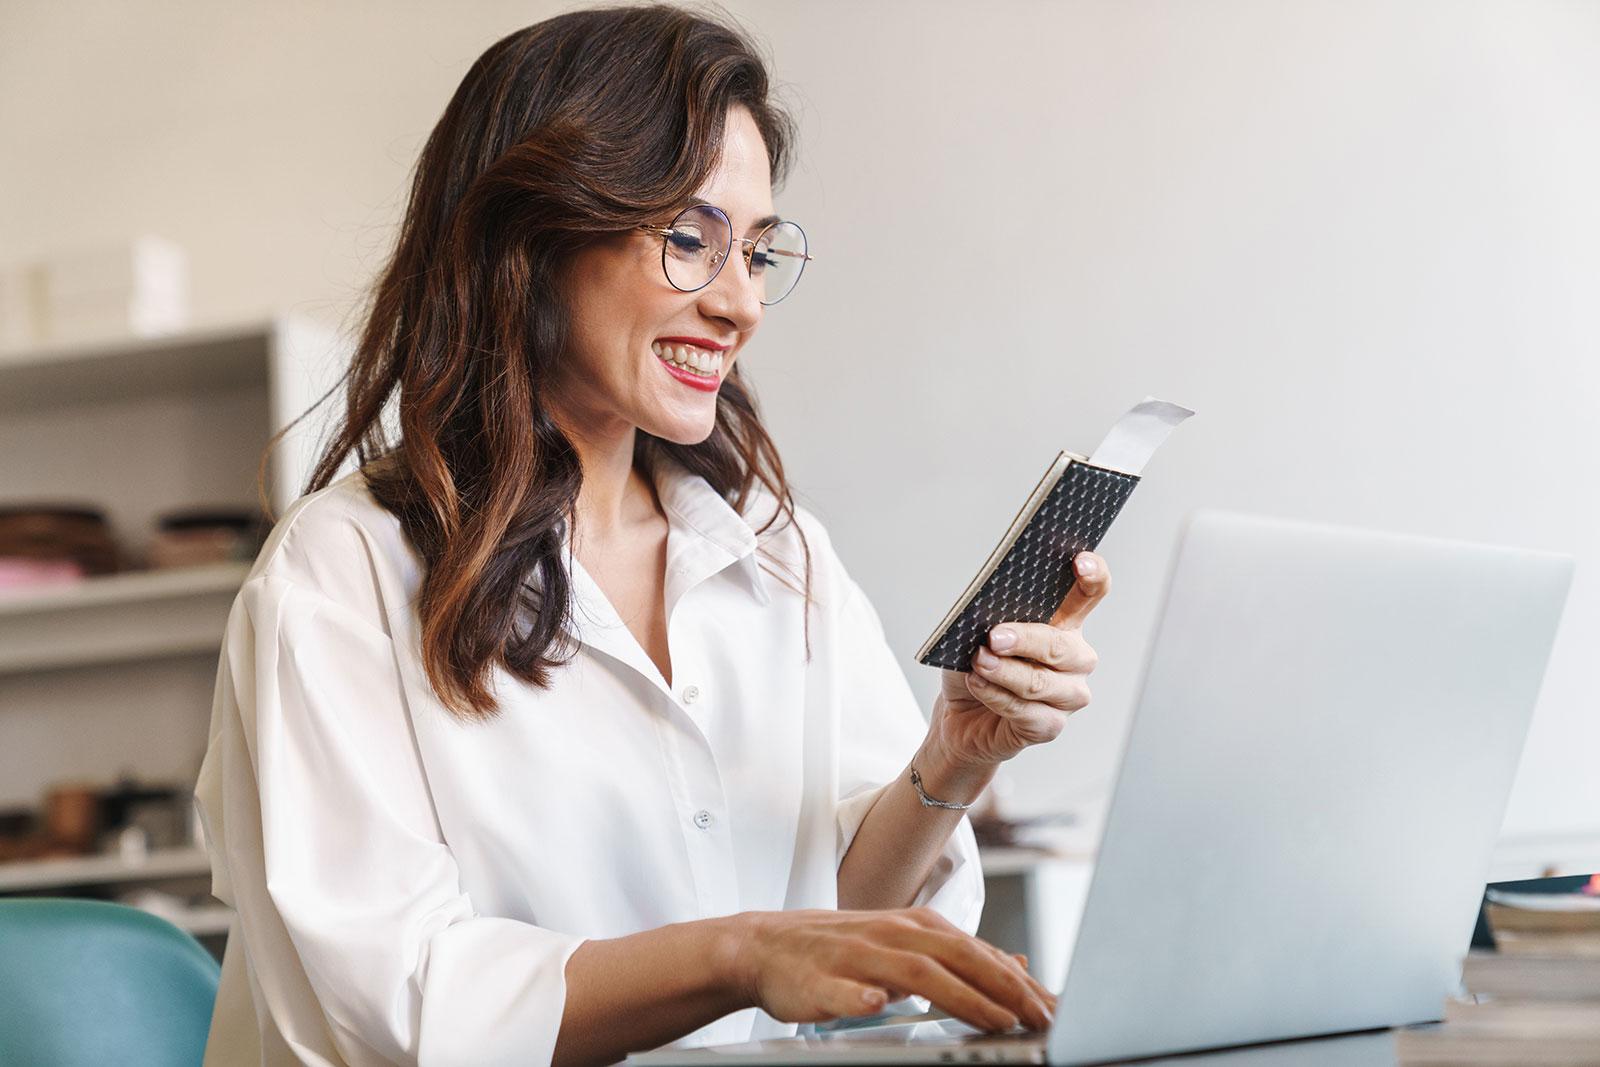 Ce mențiuni trebuie să conțină documentul de plată?